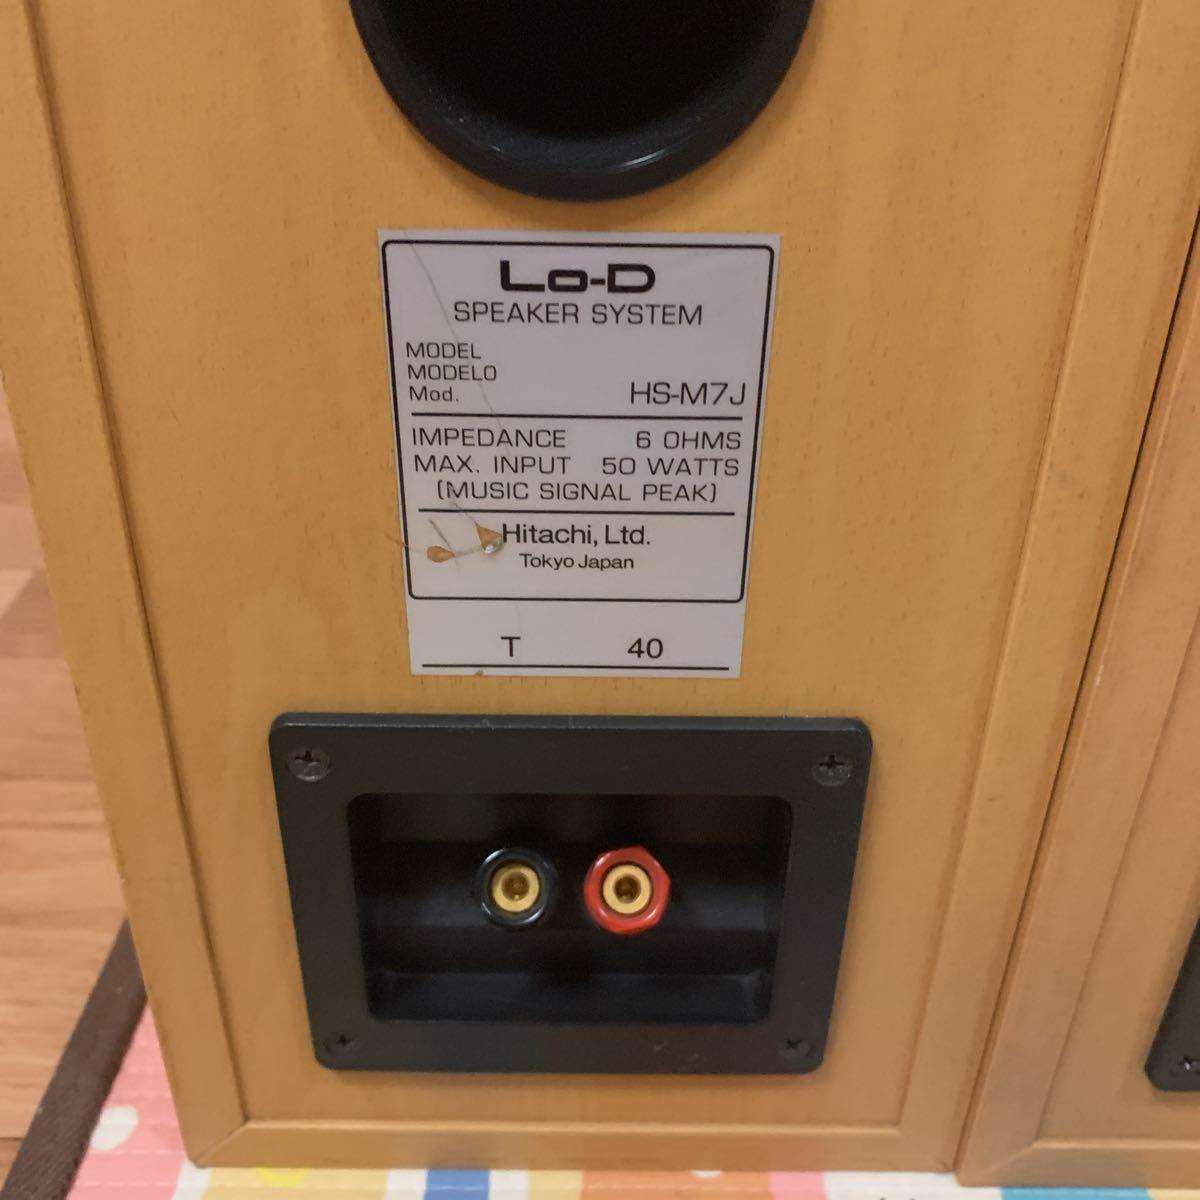 【Lo-D】日立 ローディ スピーカー HS-M7J 動作確認済 Lo-D_画像3